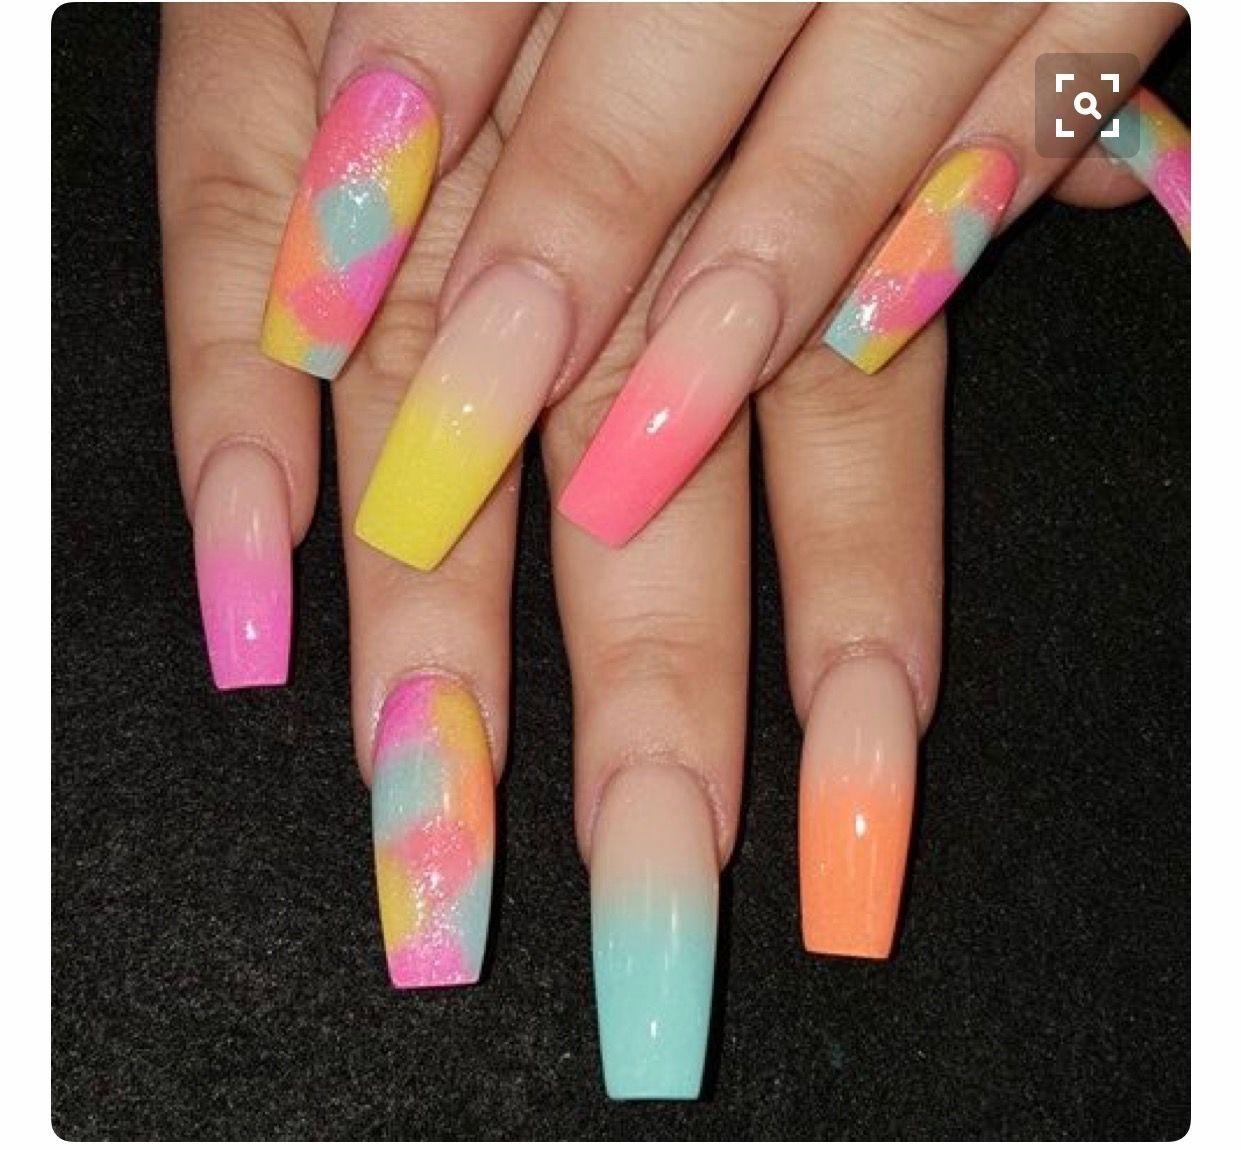 Pin by Niko Delarosa on Nails | Pinterest | Spring nails, Nail inspo ...